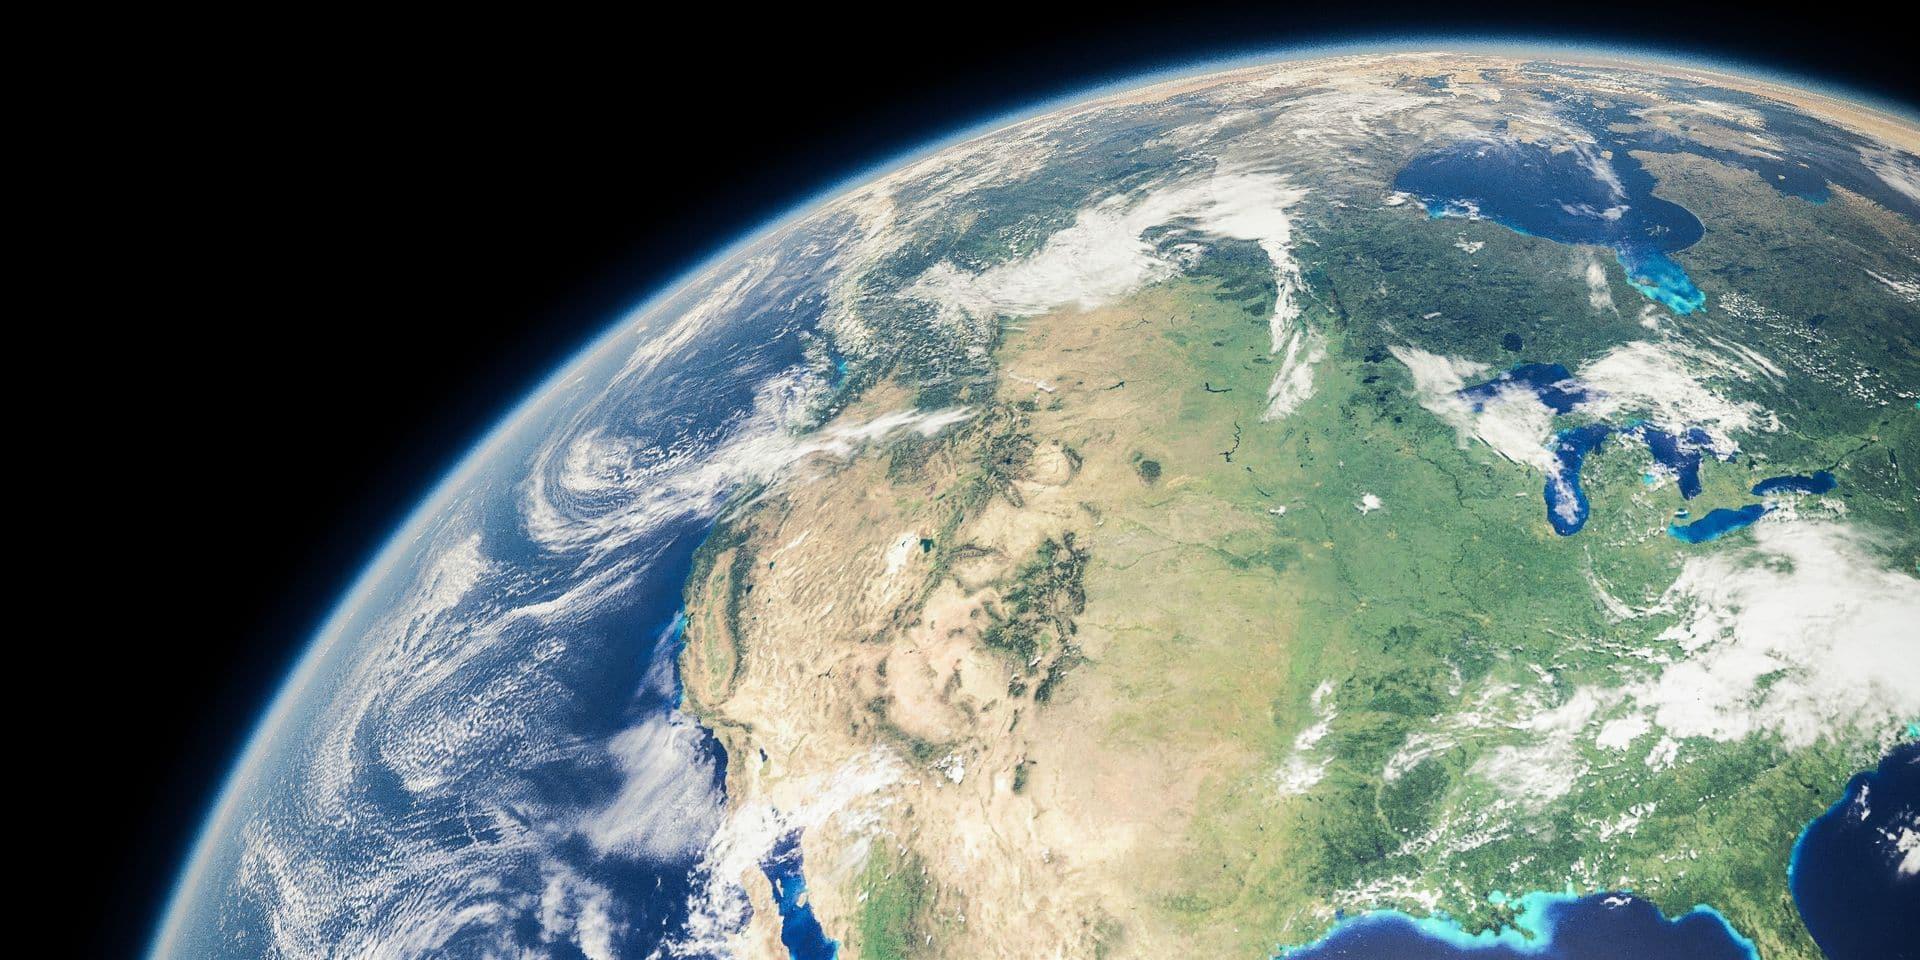 La somme des nouvelles promesses a permis de resserrer l'écart entre les nouveaux engagements des États et l'effort qui serait nécessaire pour limiter la hausse de la température mondiale à 1,5 degré.